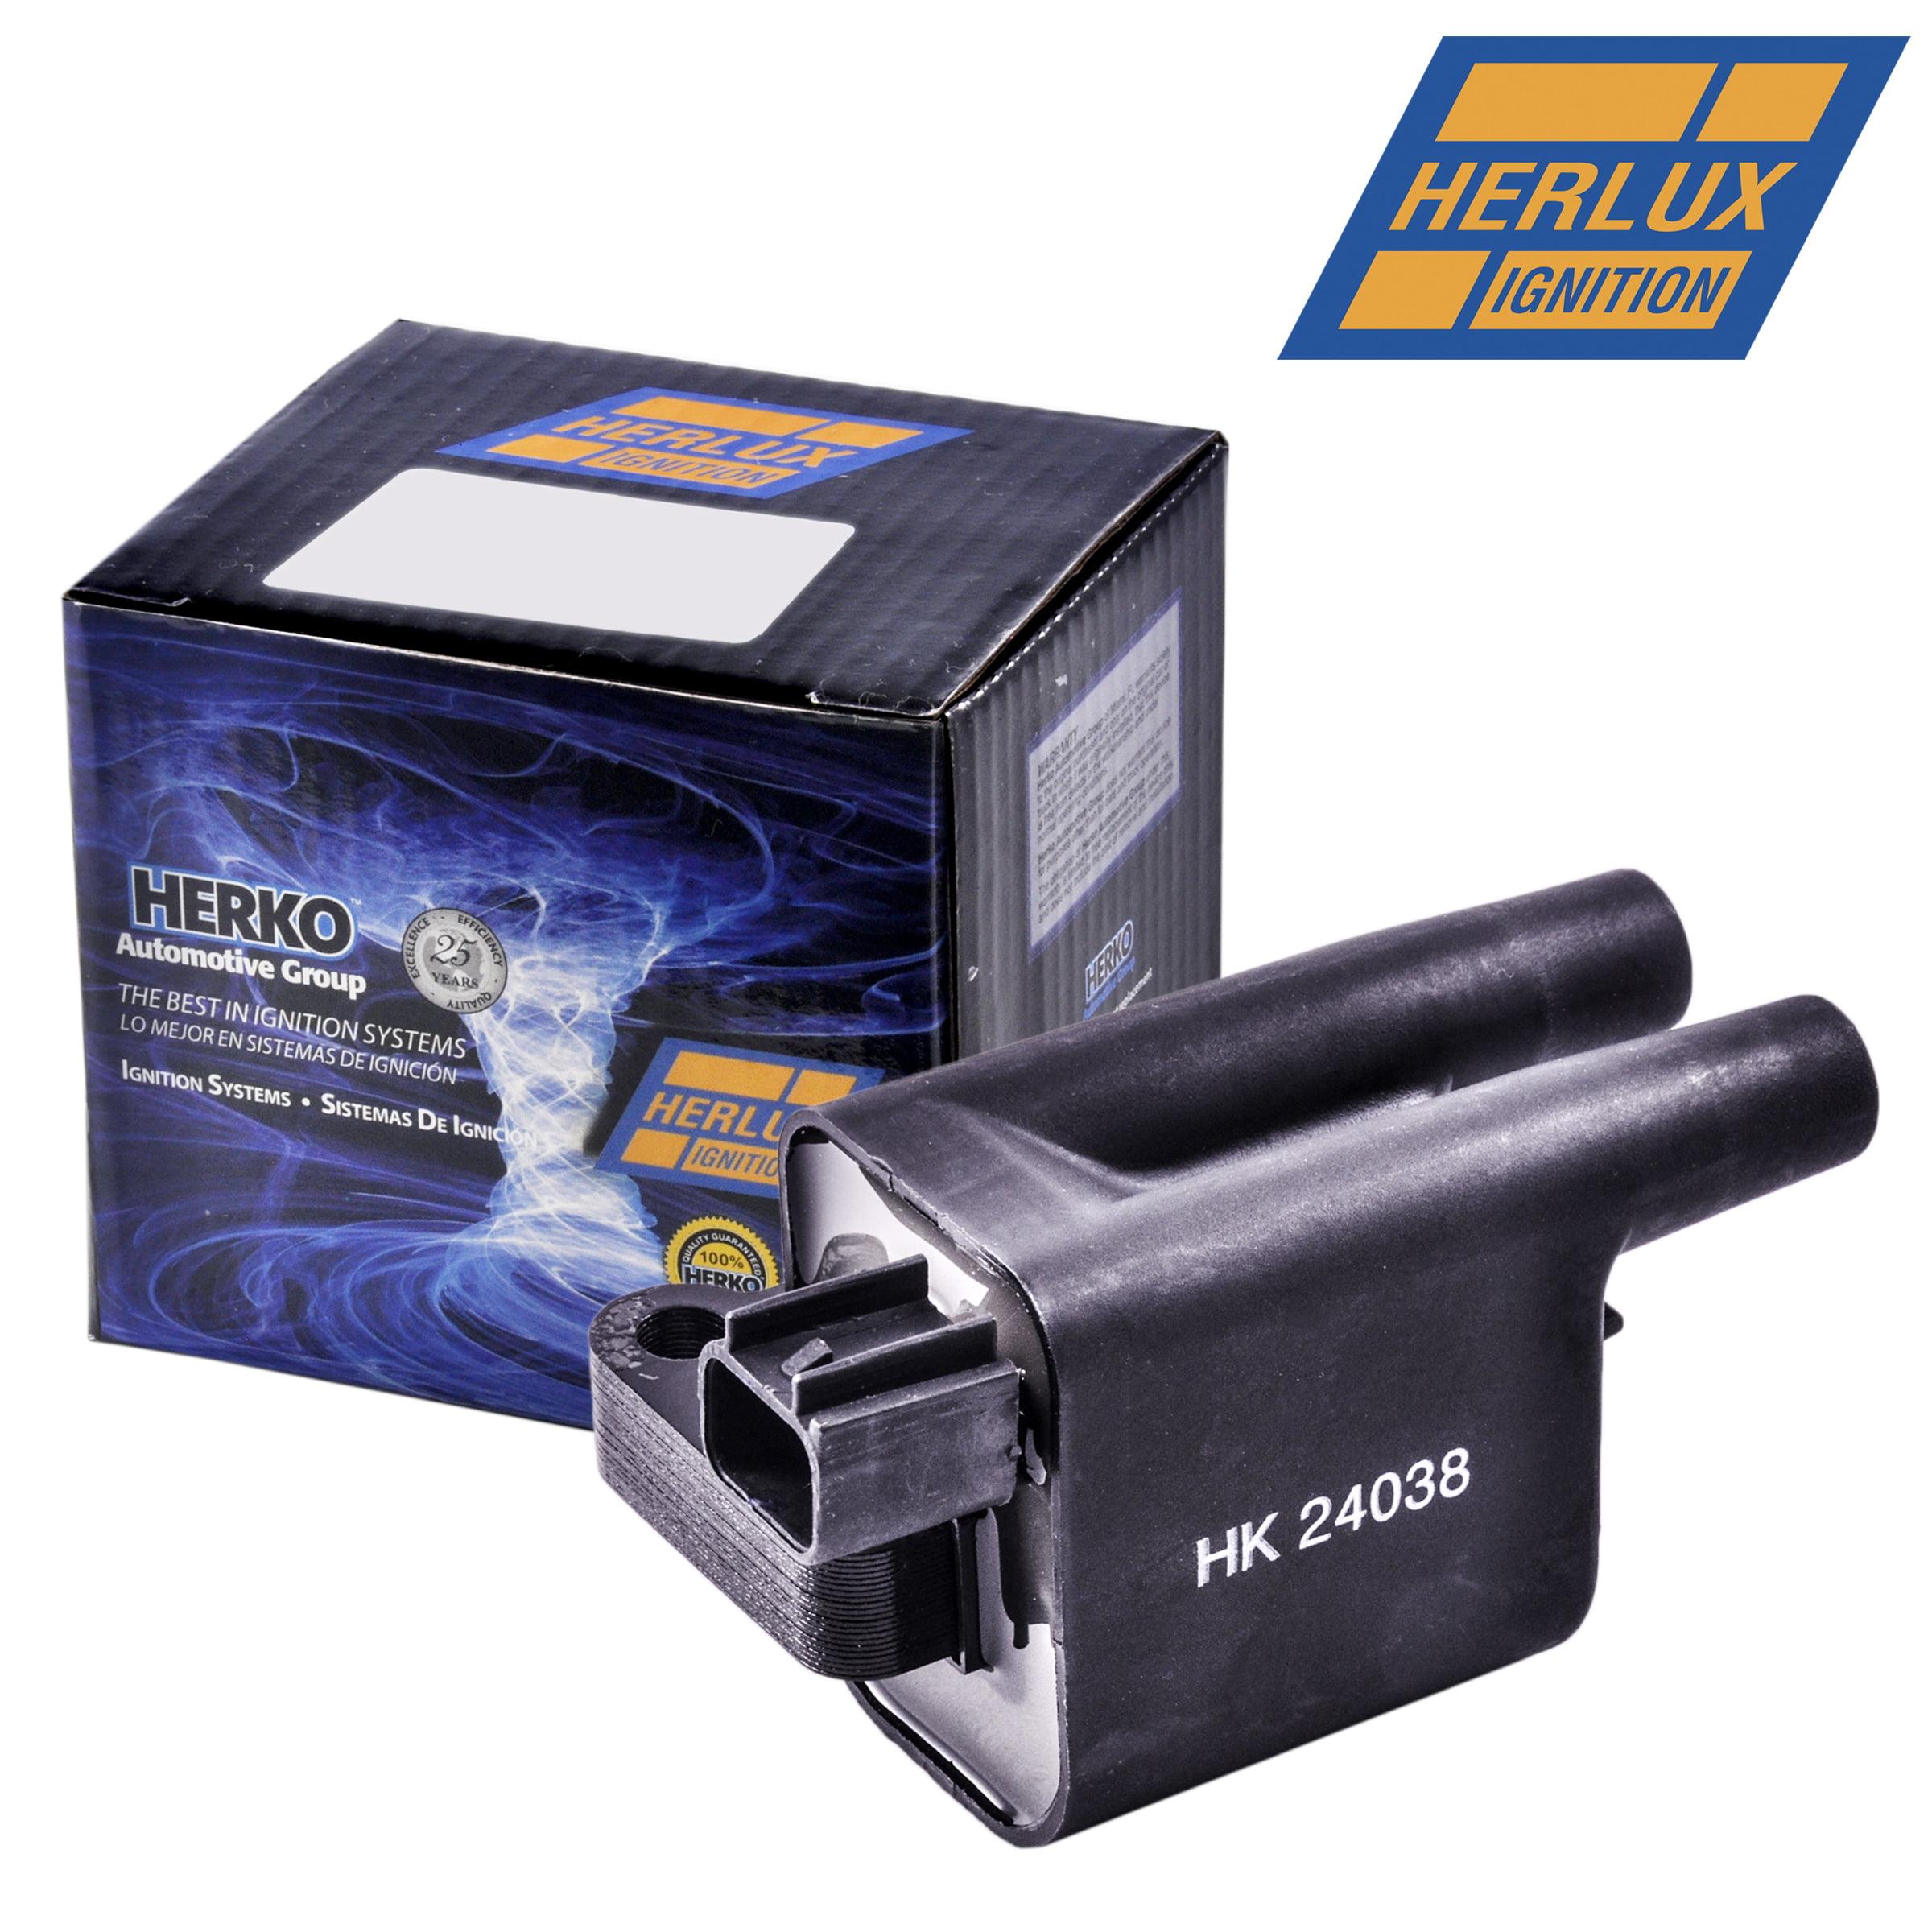 Set of 4 Herko Ignition Coil B218 For Suzuki Sidekick 1.8L-L4 1996-1997